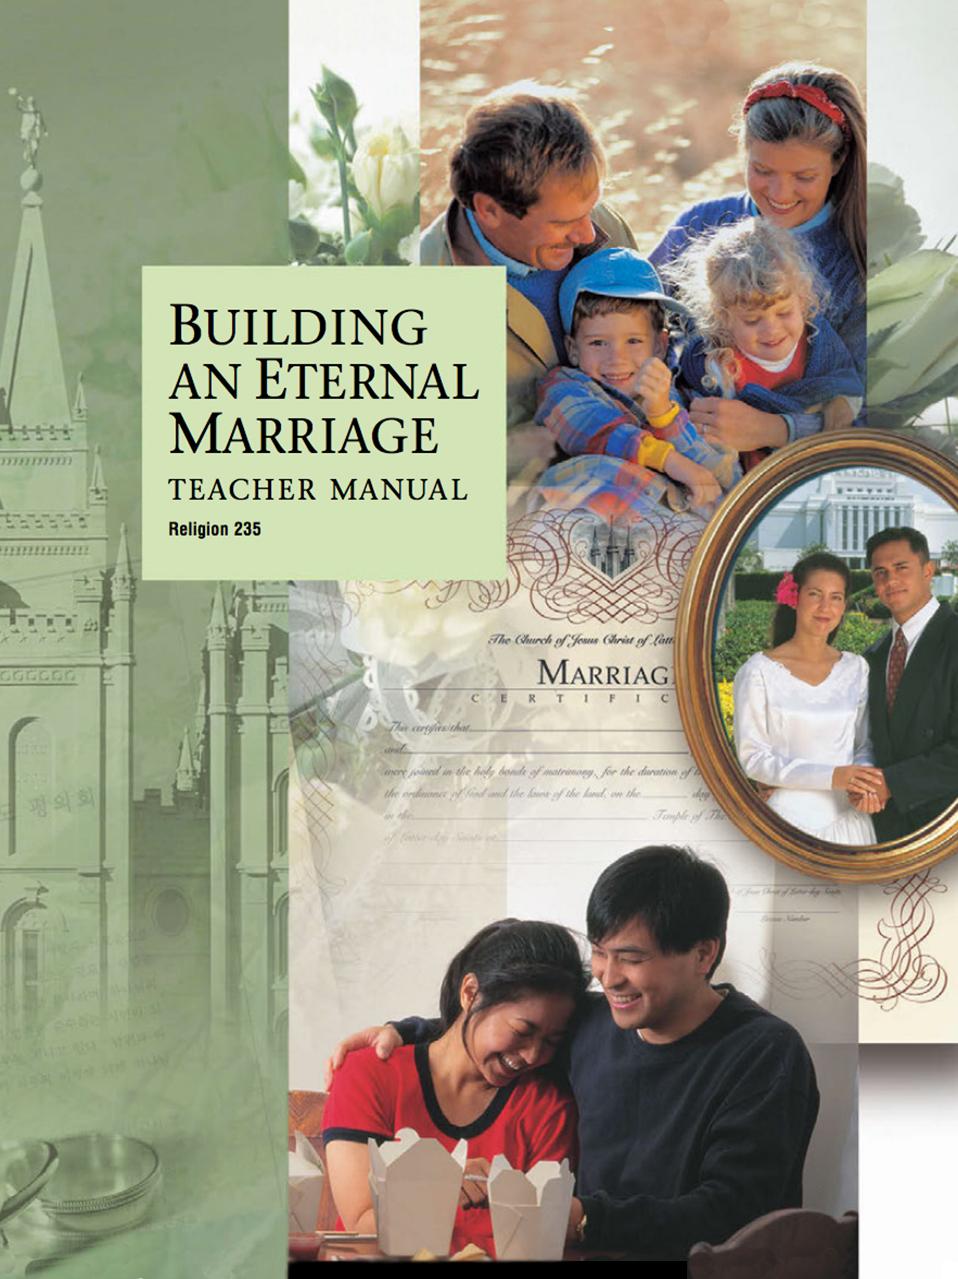 Building an Eternal Marriage Teacher Manual (Rel 235)